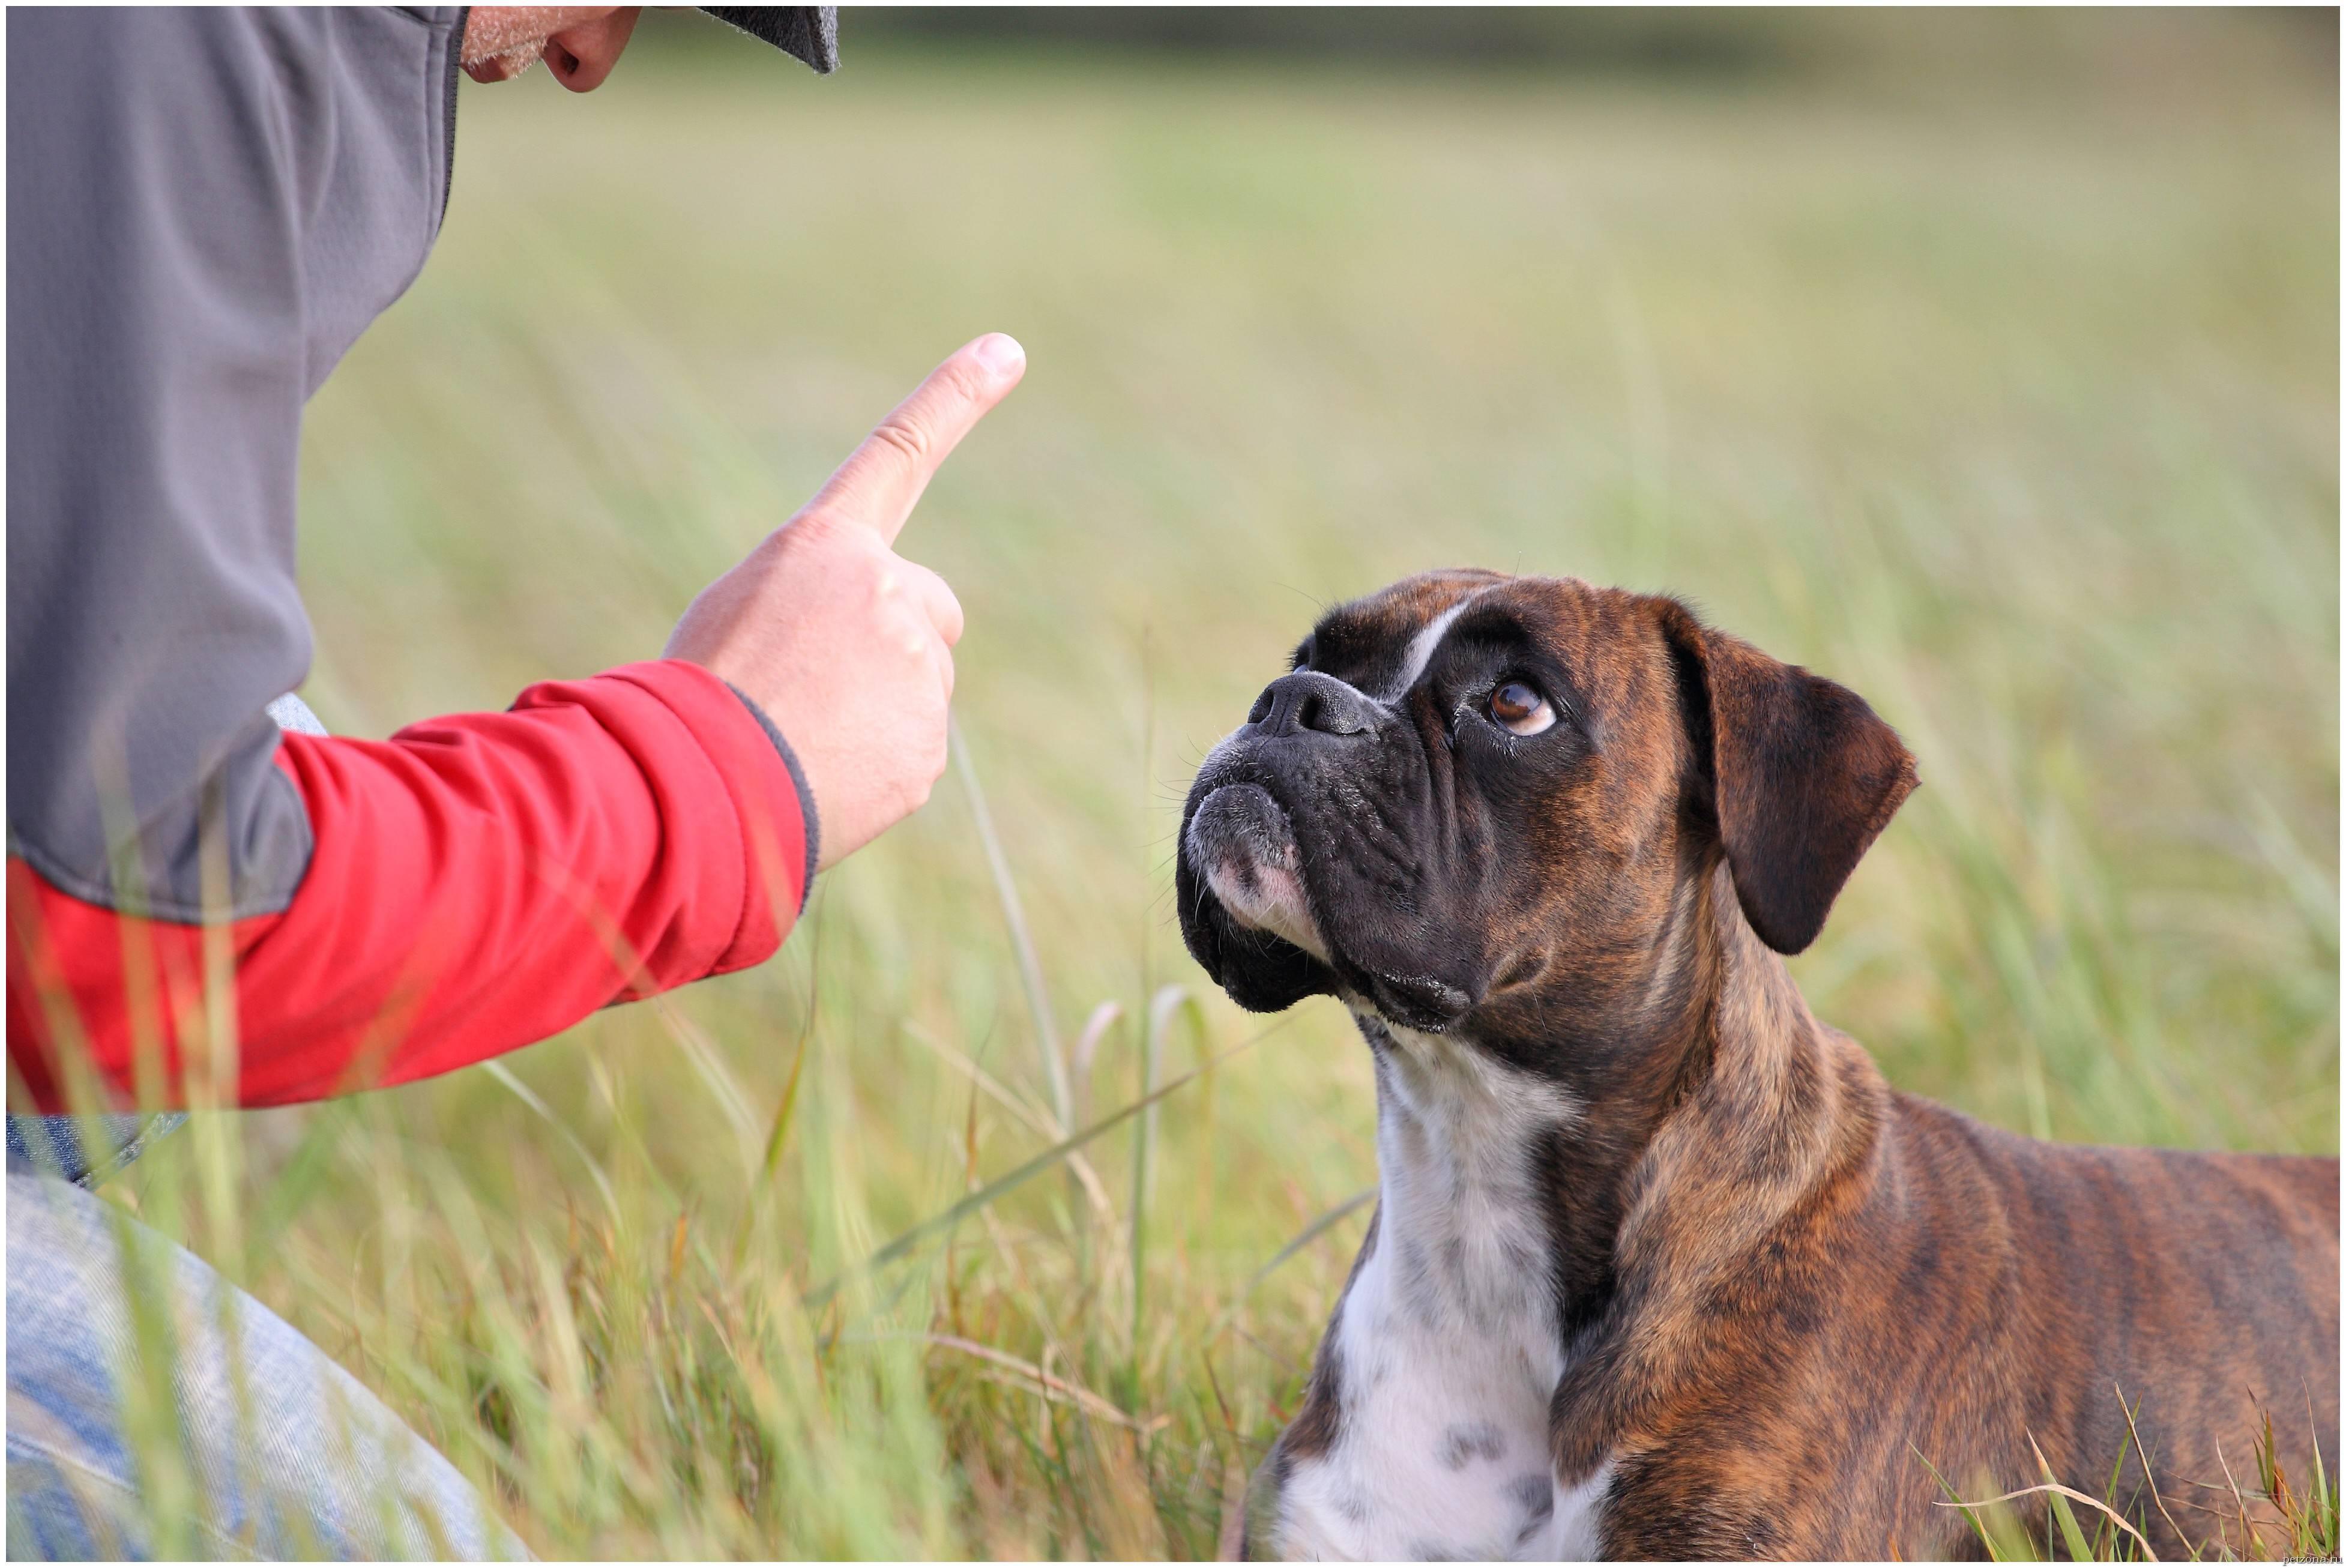 Как самому научить щенка командам: инструкции для базовых и дополнительных команд, обучаем собаку трюкам